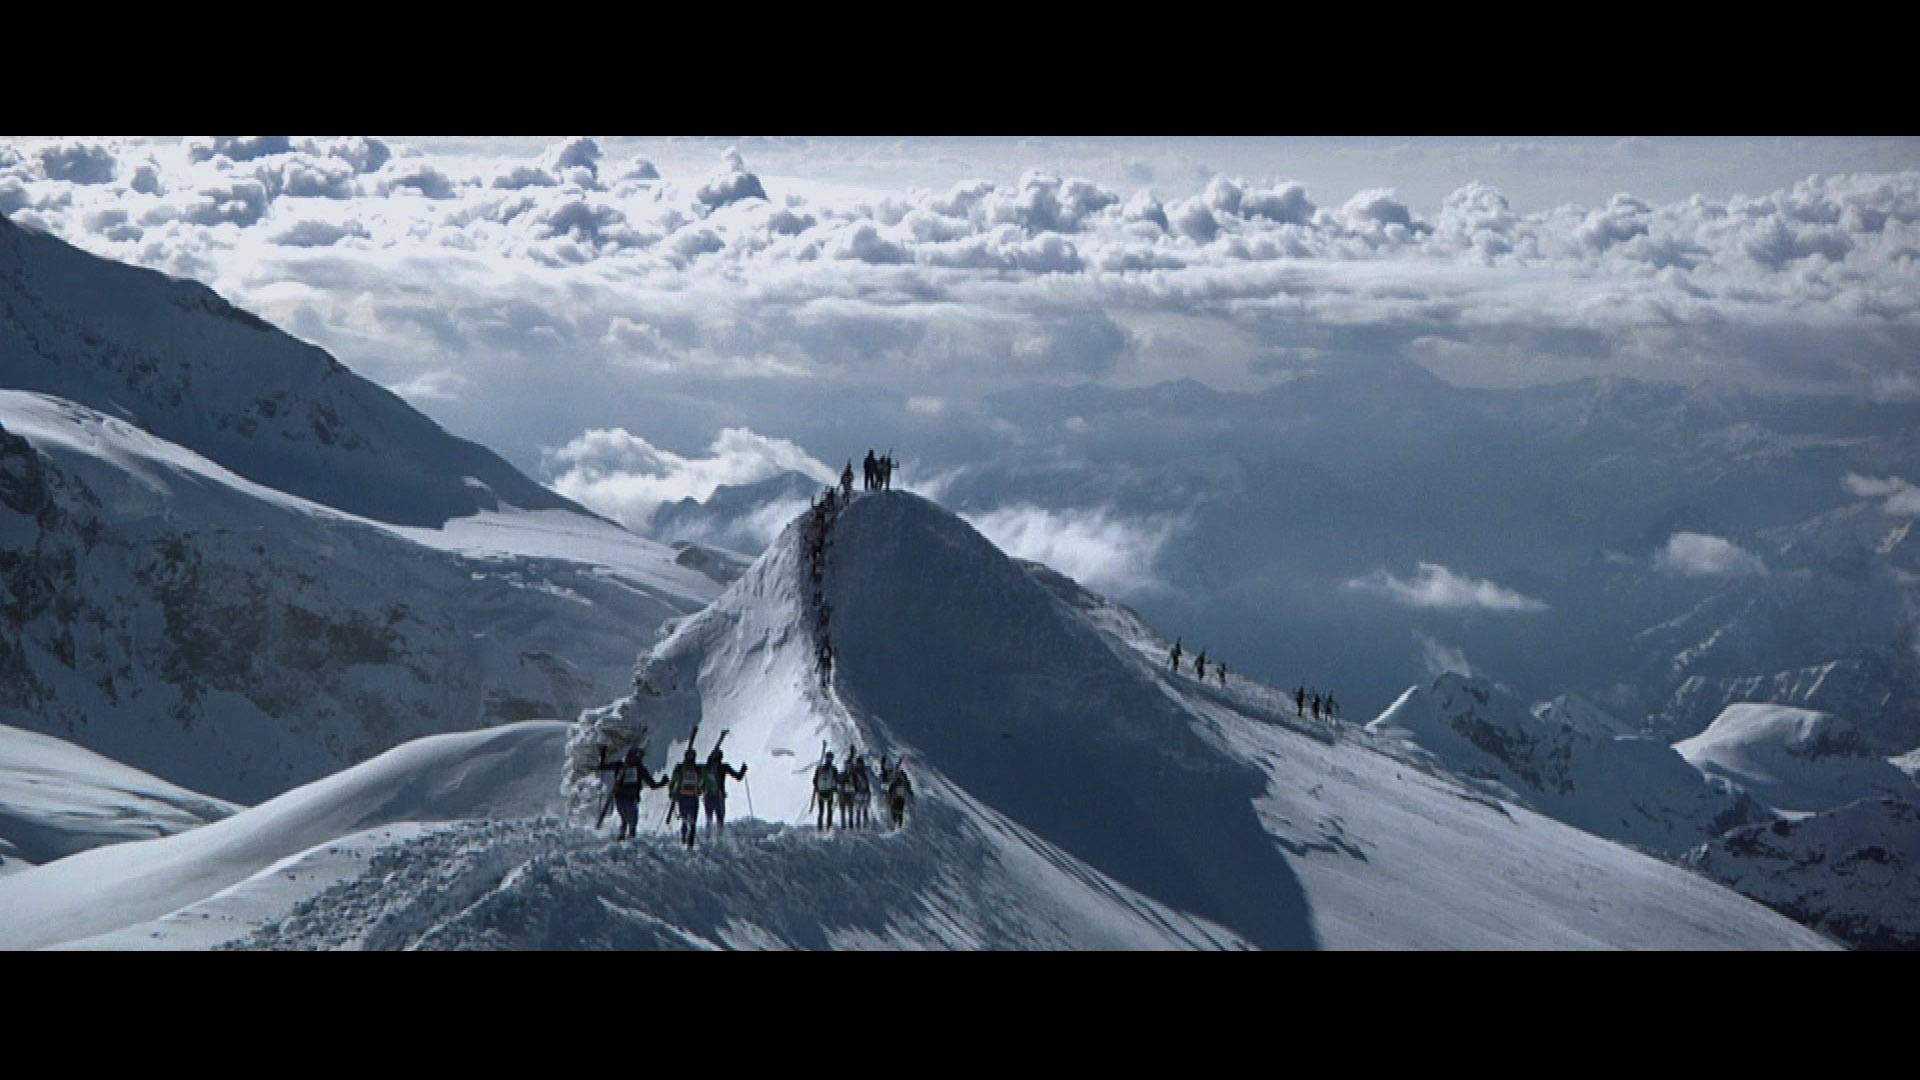 Mezzalama maratona di ghiaccio: intervista agli autori